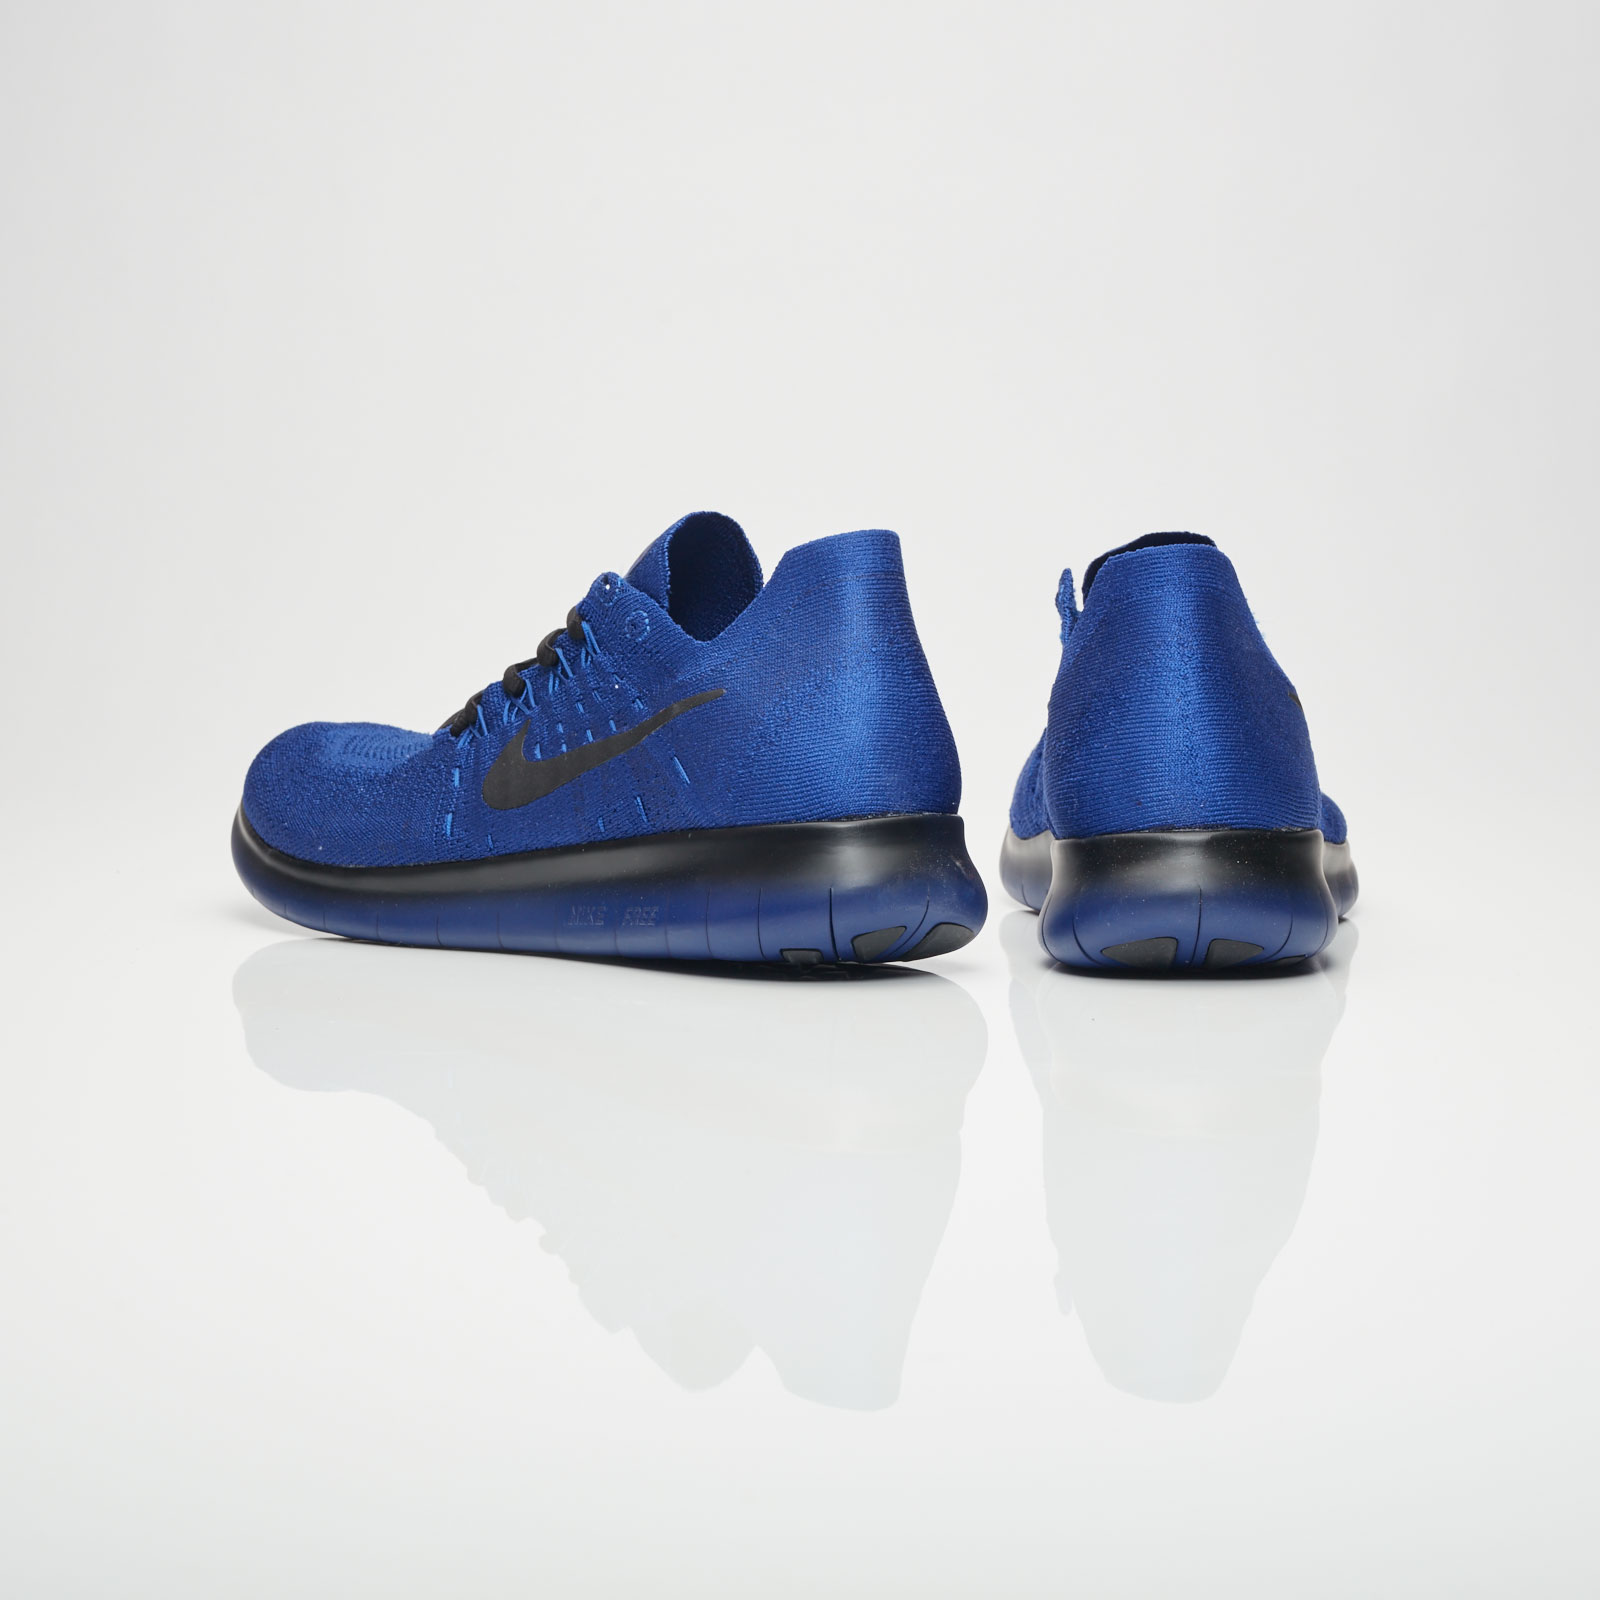 new arrival 1e313 275fd Nike Free Run Flyknit 2017 Gyakusou - 883287-400 - Sneakersnstuff    sneakers   streetwear online since 1999